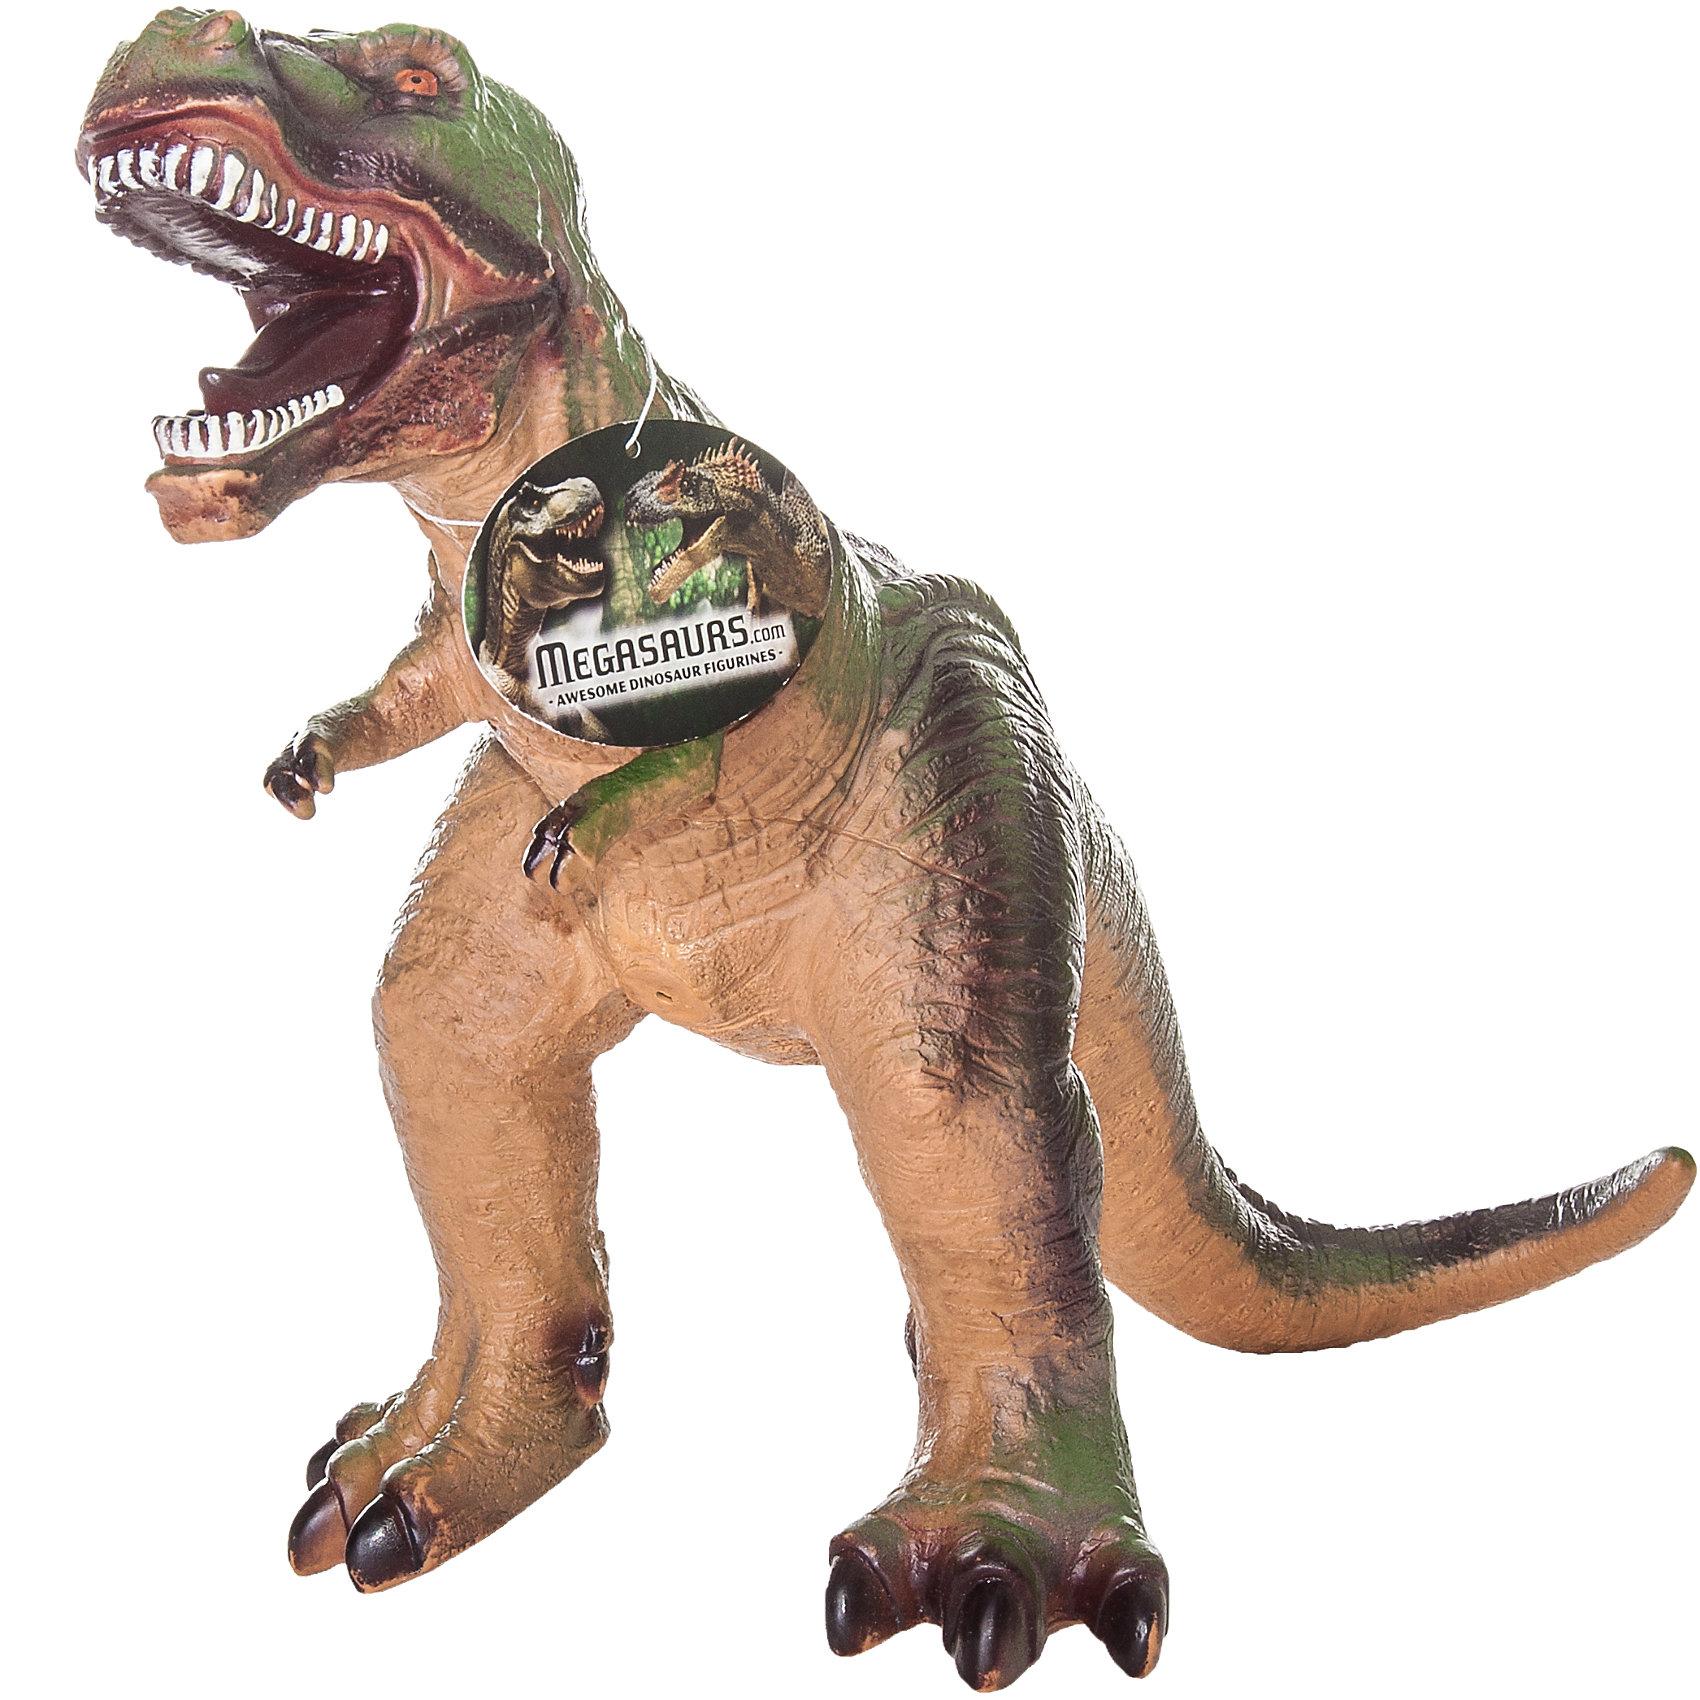 Фигурка динозавра Тираннозавр, HGLДинозавры и драконы<br>Детей всех возрастов привлекают фильмы и рассказы о доисторических временах и чудесных динозаврах, населявших Землю до возникновения человека. Подстегните фантазию юного любителя древностей - подарите ему динозавра из серии игрушек HGL. Специалисты компании создавали игрушки максимально похожими на своих прародителей, поэтому динозавры HGL такие интересные. Тираннозавр - фигурка огромного доисторического ящера. Он достигал в длину 12 метров, обладал огромной челюстью и по мнению ученых, питался другими динозаврами. Тираннозавр был очень быстрым, благодаря тому, что легко передвигался на задних мощных лапах. Он был одним из самых опасных хищников, населявших Землю более 65 миллионов лет тому назад. Ни одна история об эре динозавров невозможна без этого одинокого хищника. Ребенок будет в восторге от такого замечательного подарка. Массивный динозавр сделан из мягкого ПВХ безопасного для ребенка. Внушительные размеры и отличная детализация Тираннозавра помогут ребенку окунуться в далекий и такой манящий доисторический мир, полный приключений.<br><br>Дополнительная информация:<br><br>- Внешний вид фигурки основан на реальных данных палеонтологов;<br>- Материал: ПВХ;<br>- Размер фигурки: 40 см;<br>- Размер упаковки: 30 х 26 х 14 см;<br>- Вес: 750 г<br><br>Фигурку динозавра Тираннозавр, HGL можно купить в нашем интернет-магазине.<br><br>Ширина мм: 300<br>Глубина мм: 260<br>Высота мм: 140<br>Вес г: 750<br>Возраст от месяцев: 36<br>Возраст до месяцев: 192<br>Пол: Унисекс<br>Возраст: Детский<br>SKU: 4135945